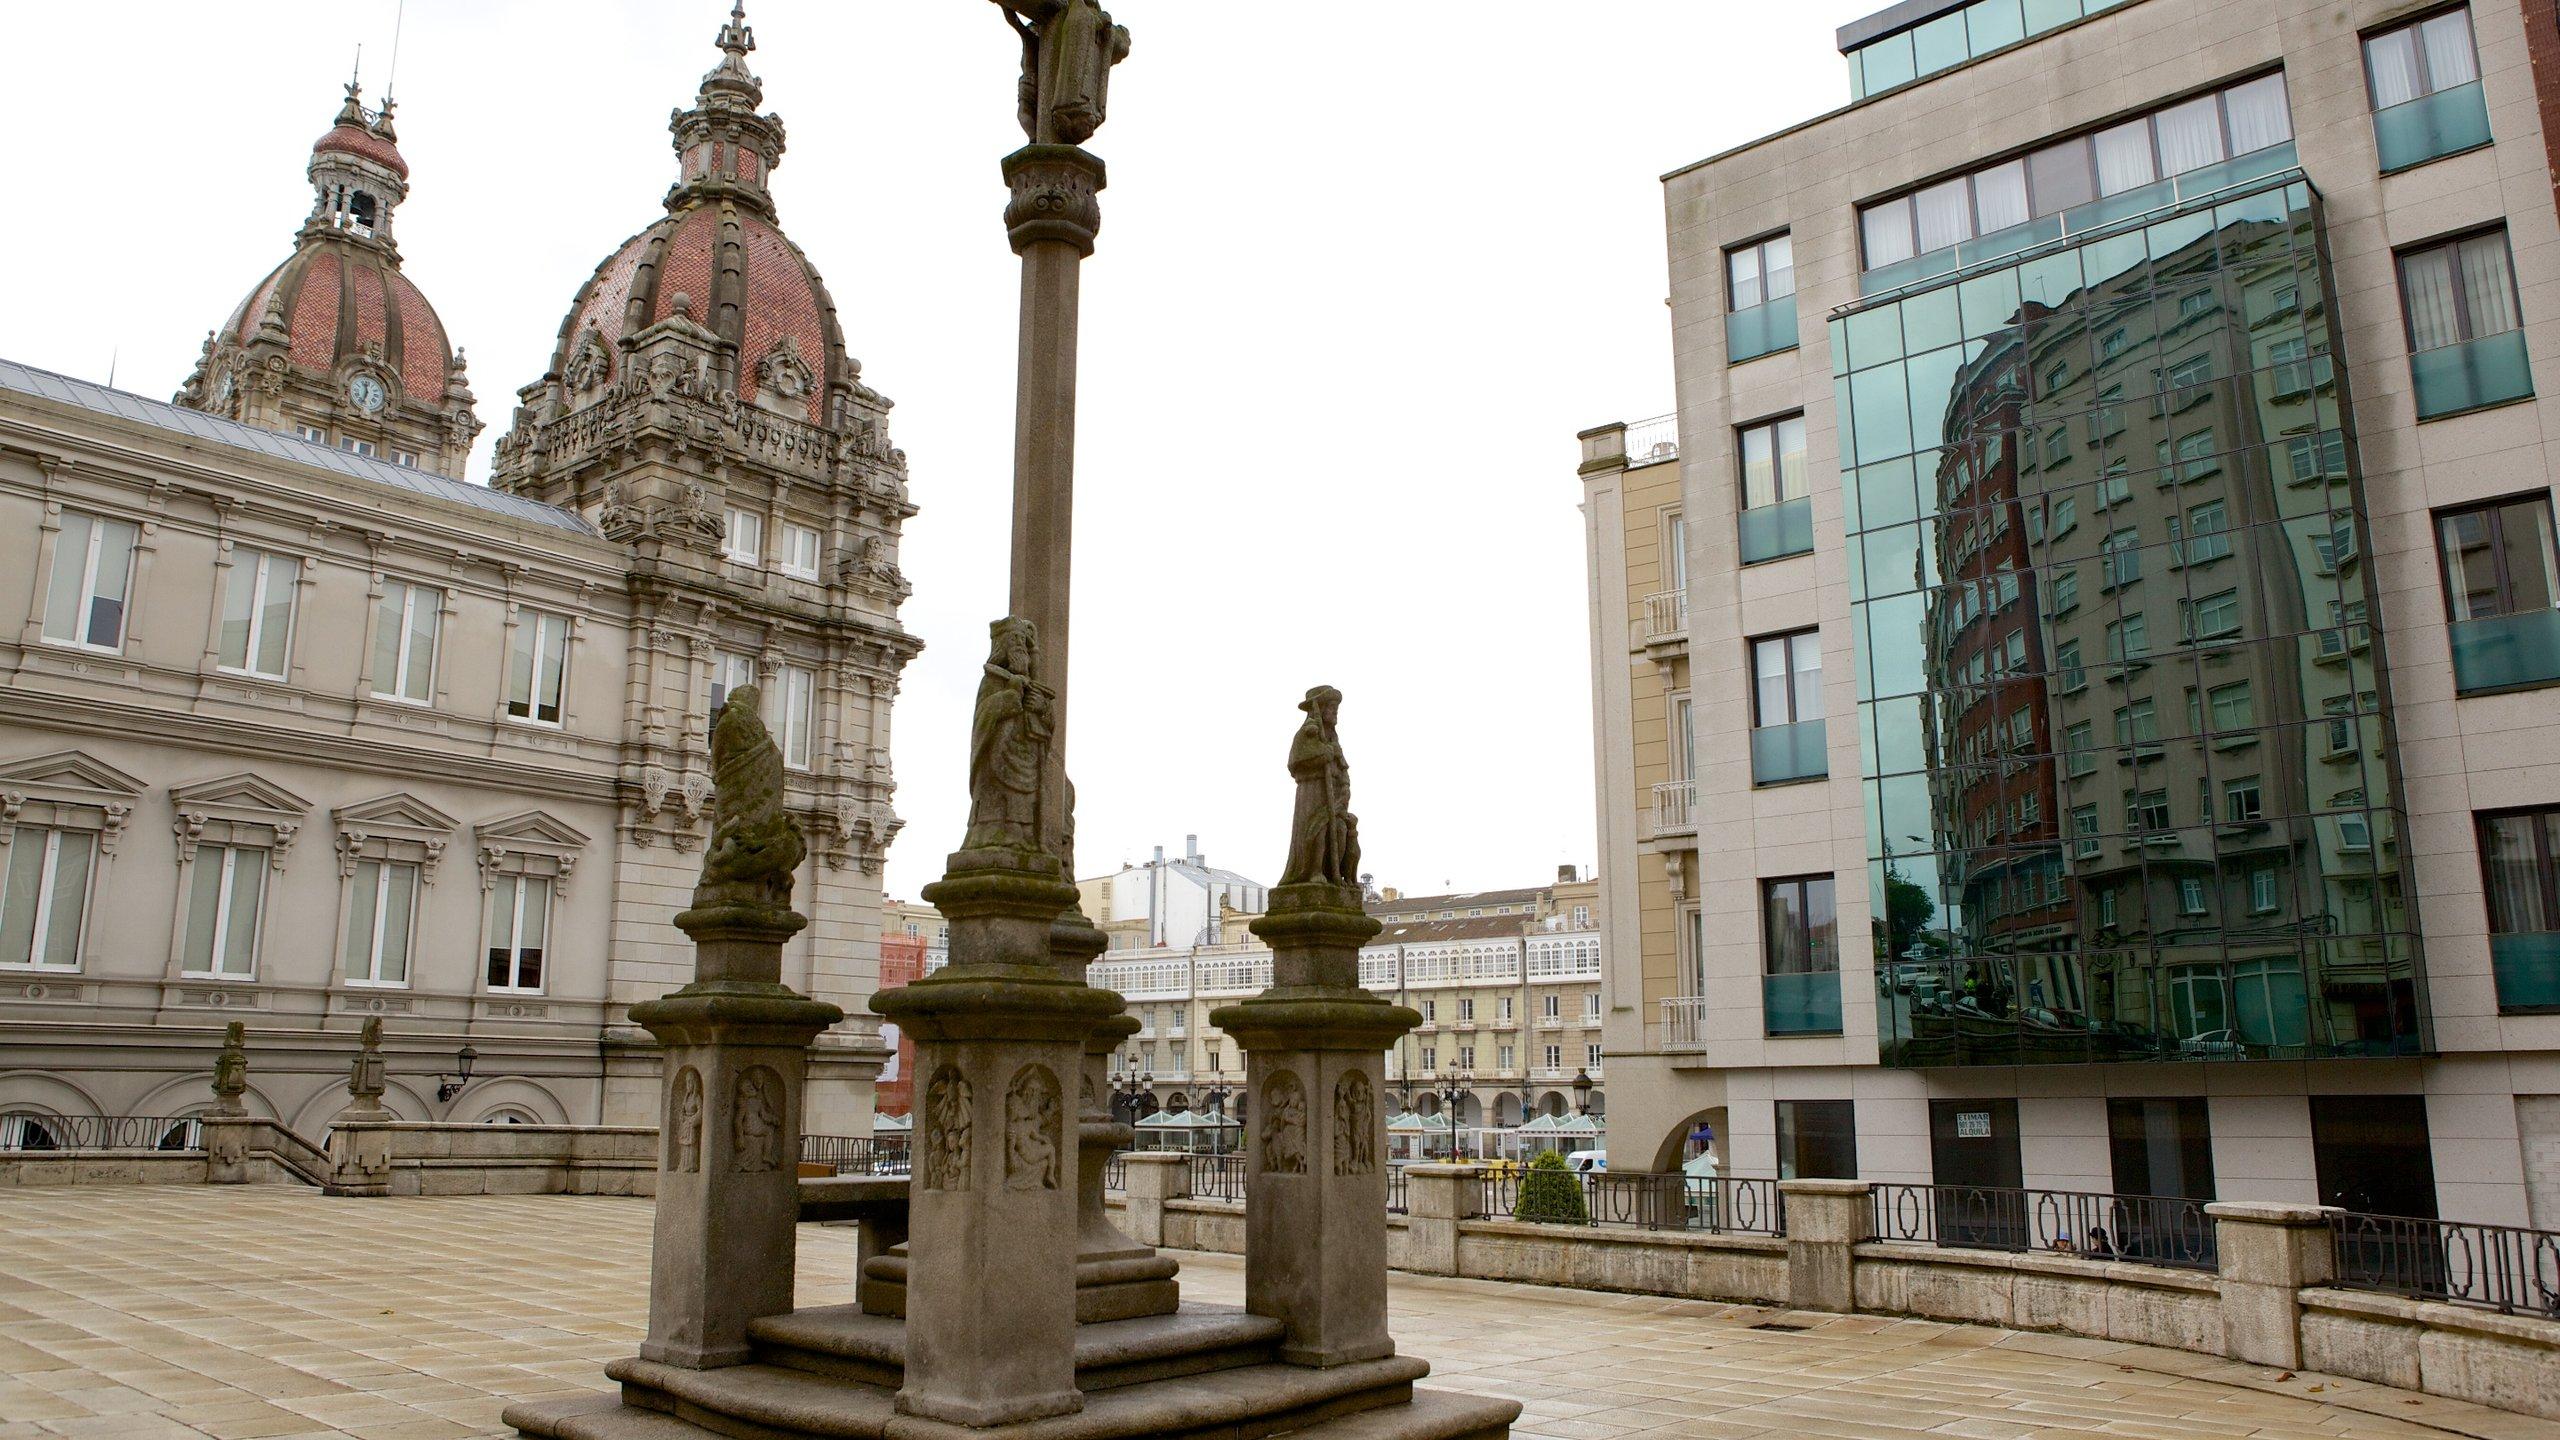 La Coruna City Hall, La Coruna, Galicia, Spain